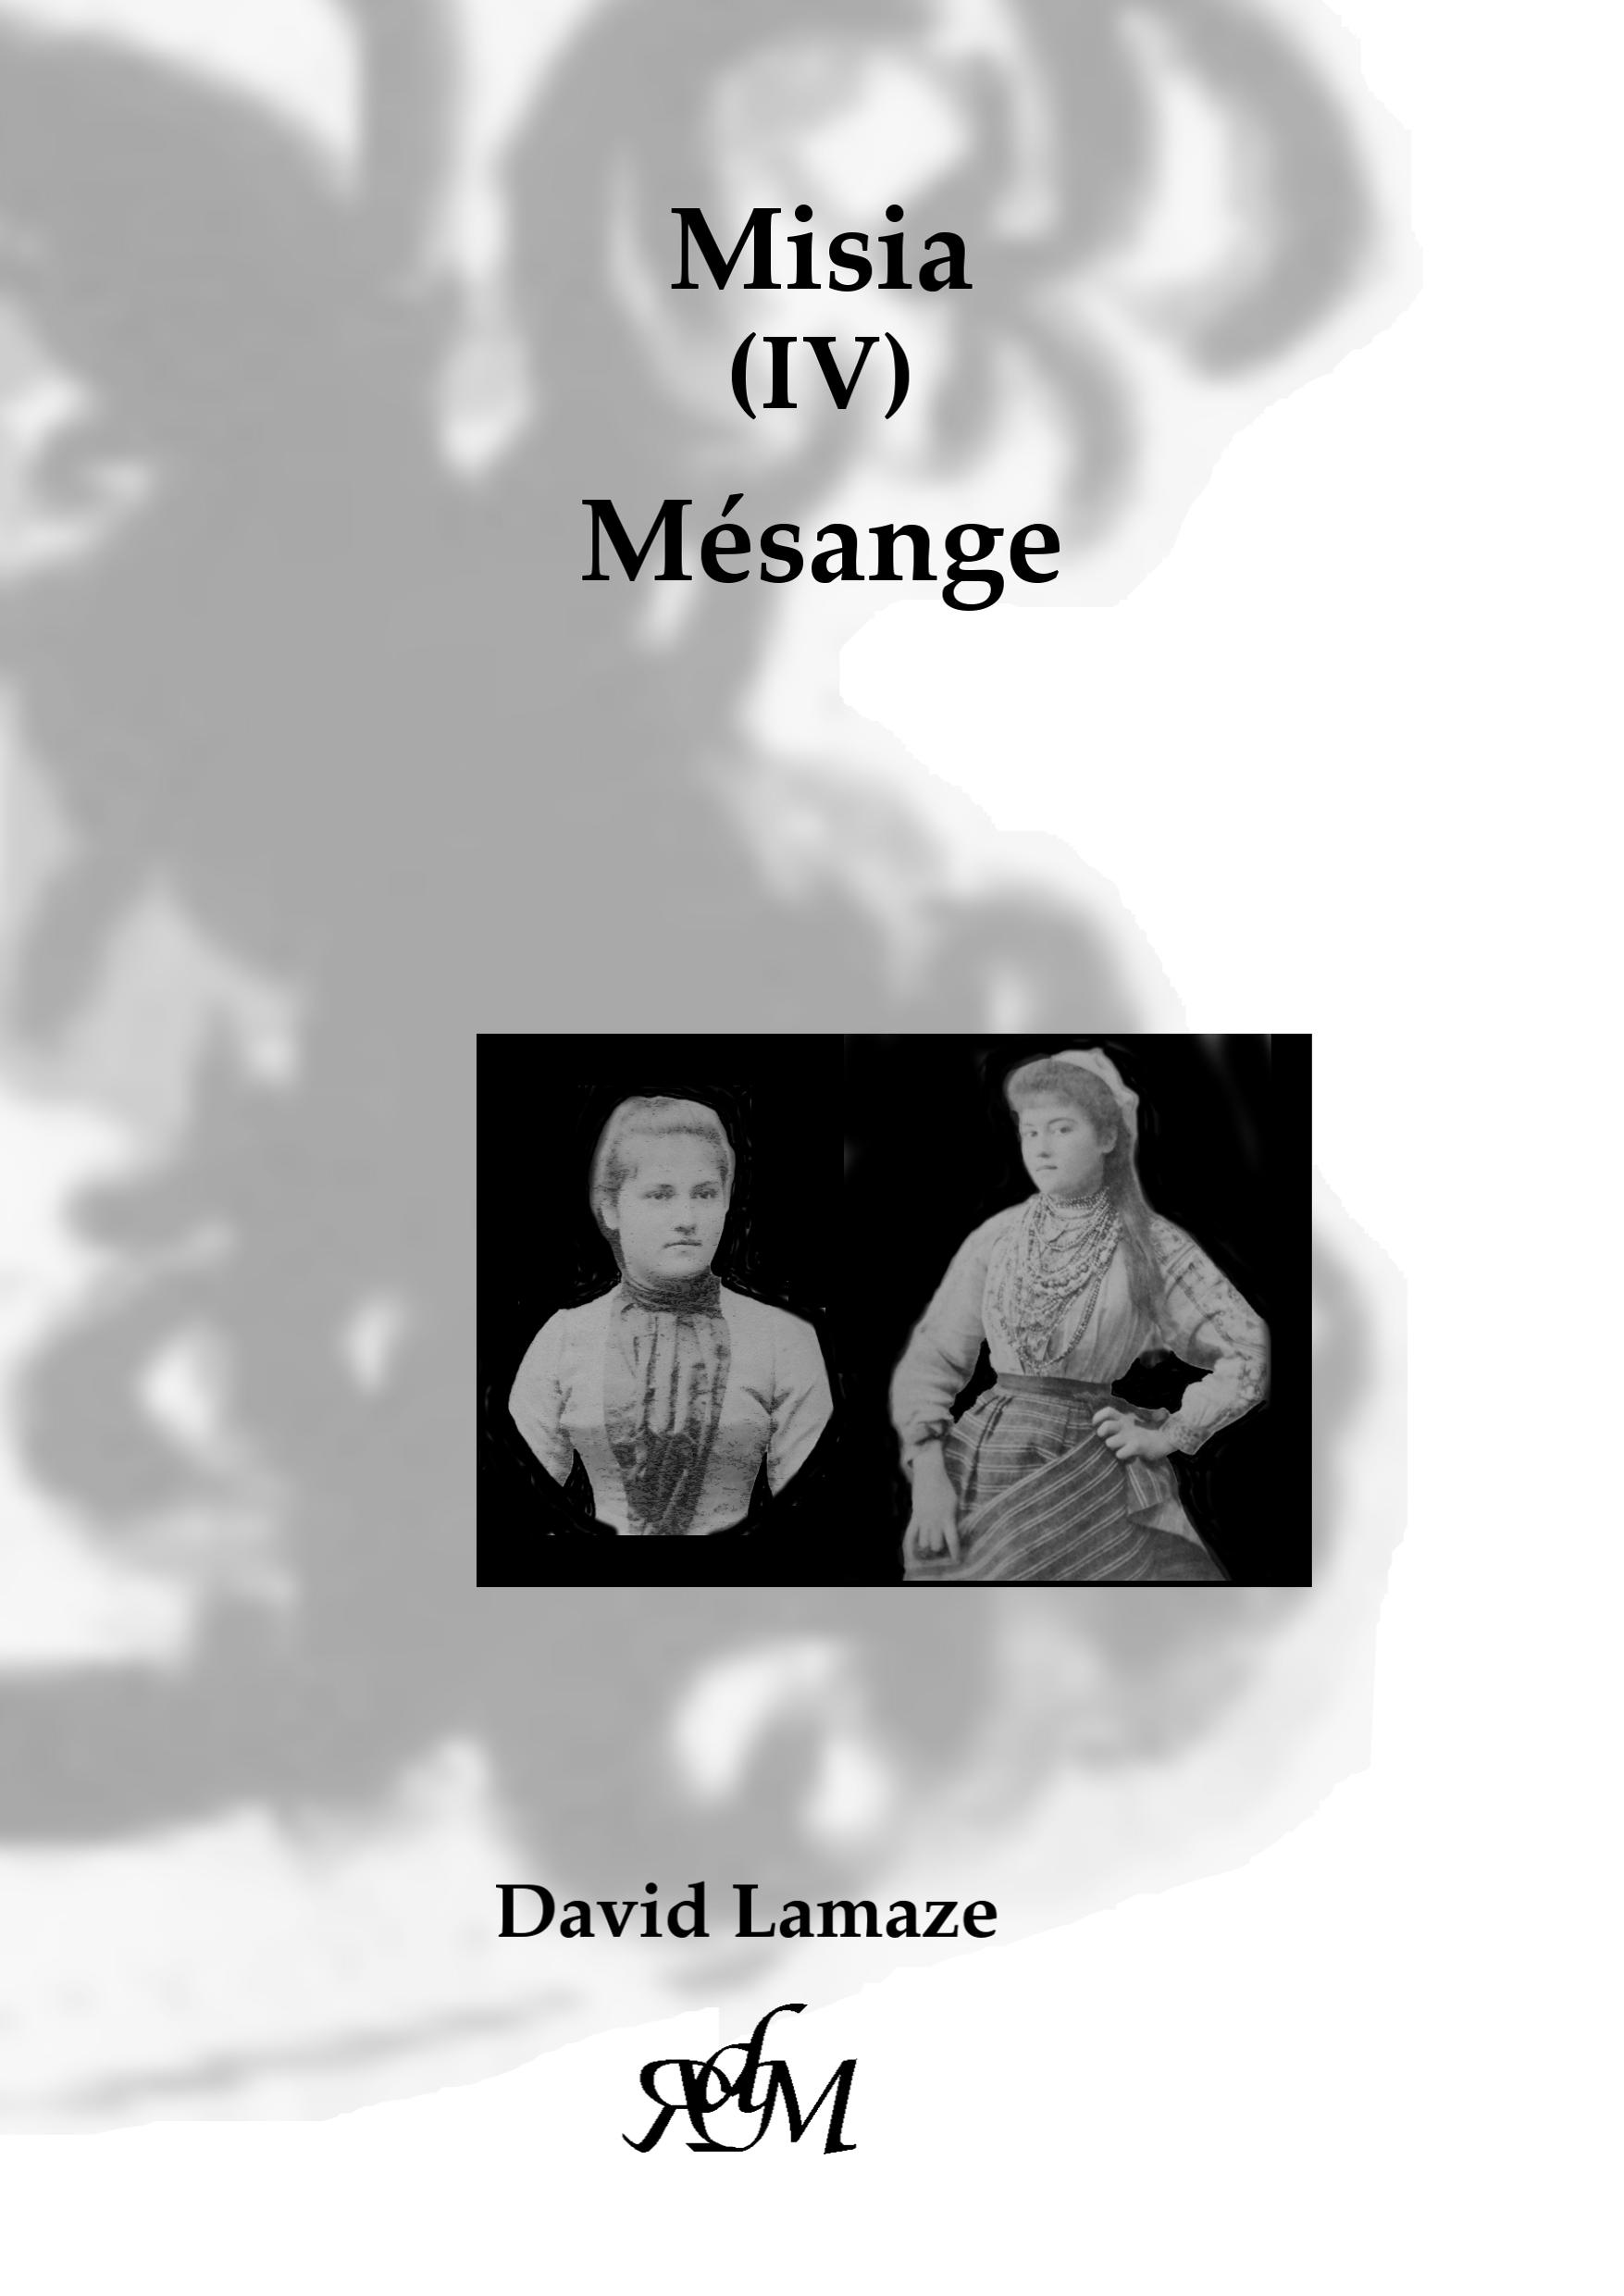 Misia (IV) Mésange